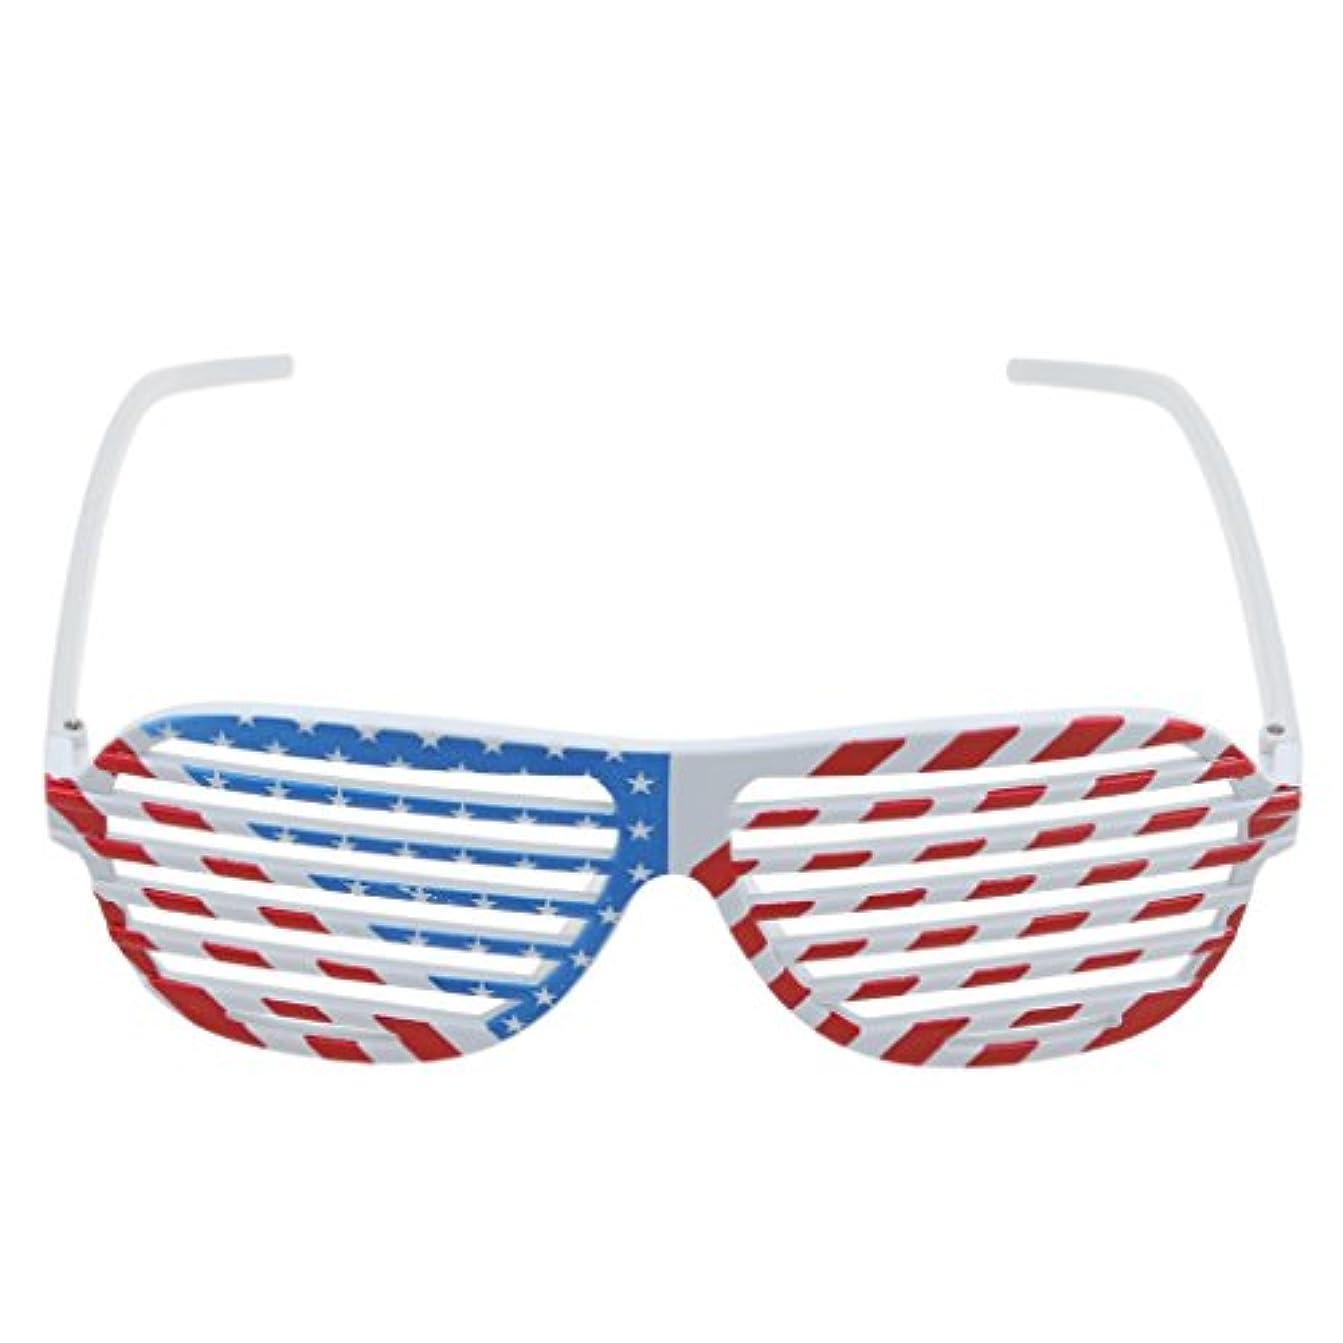 中止しますブルゴーニュキャプテンDovewill 中空 アメリカ柄 メガネ 衣装アクセサリ 仮装 パーティー